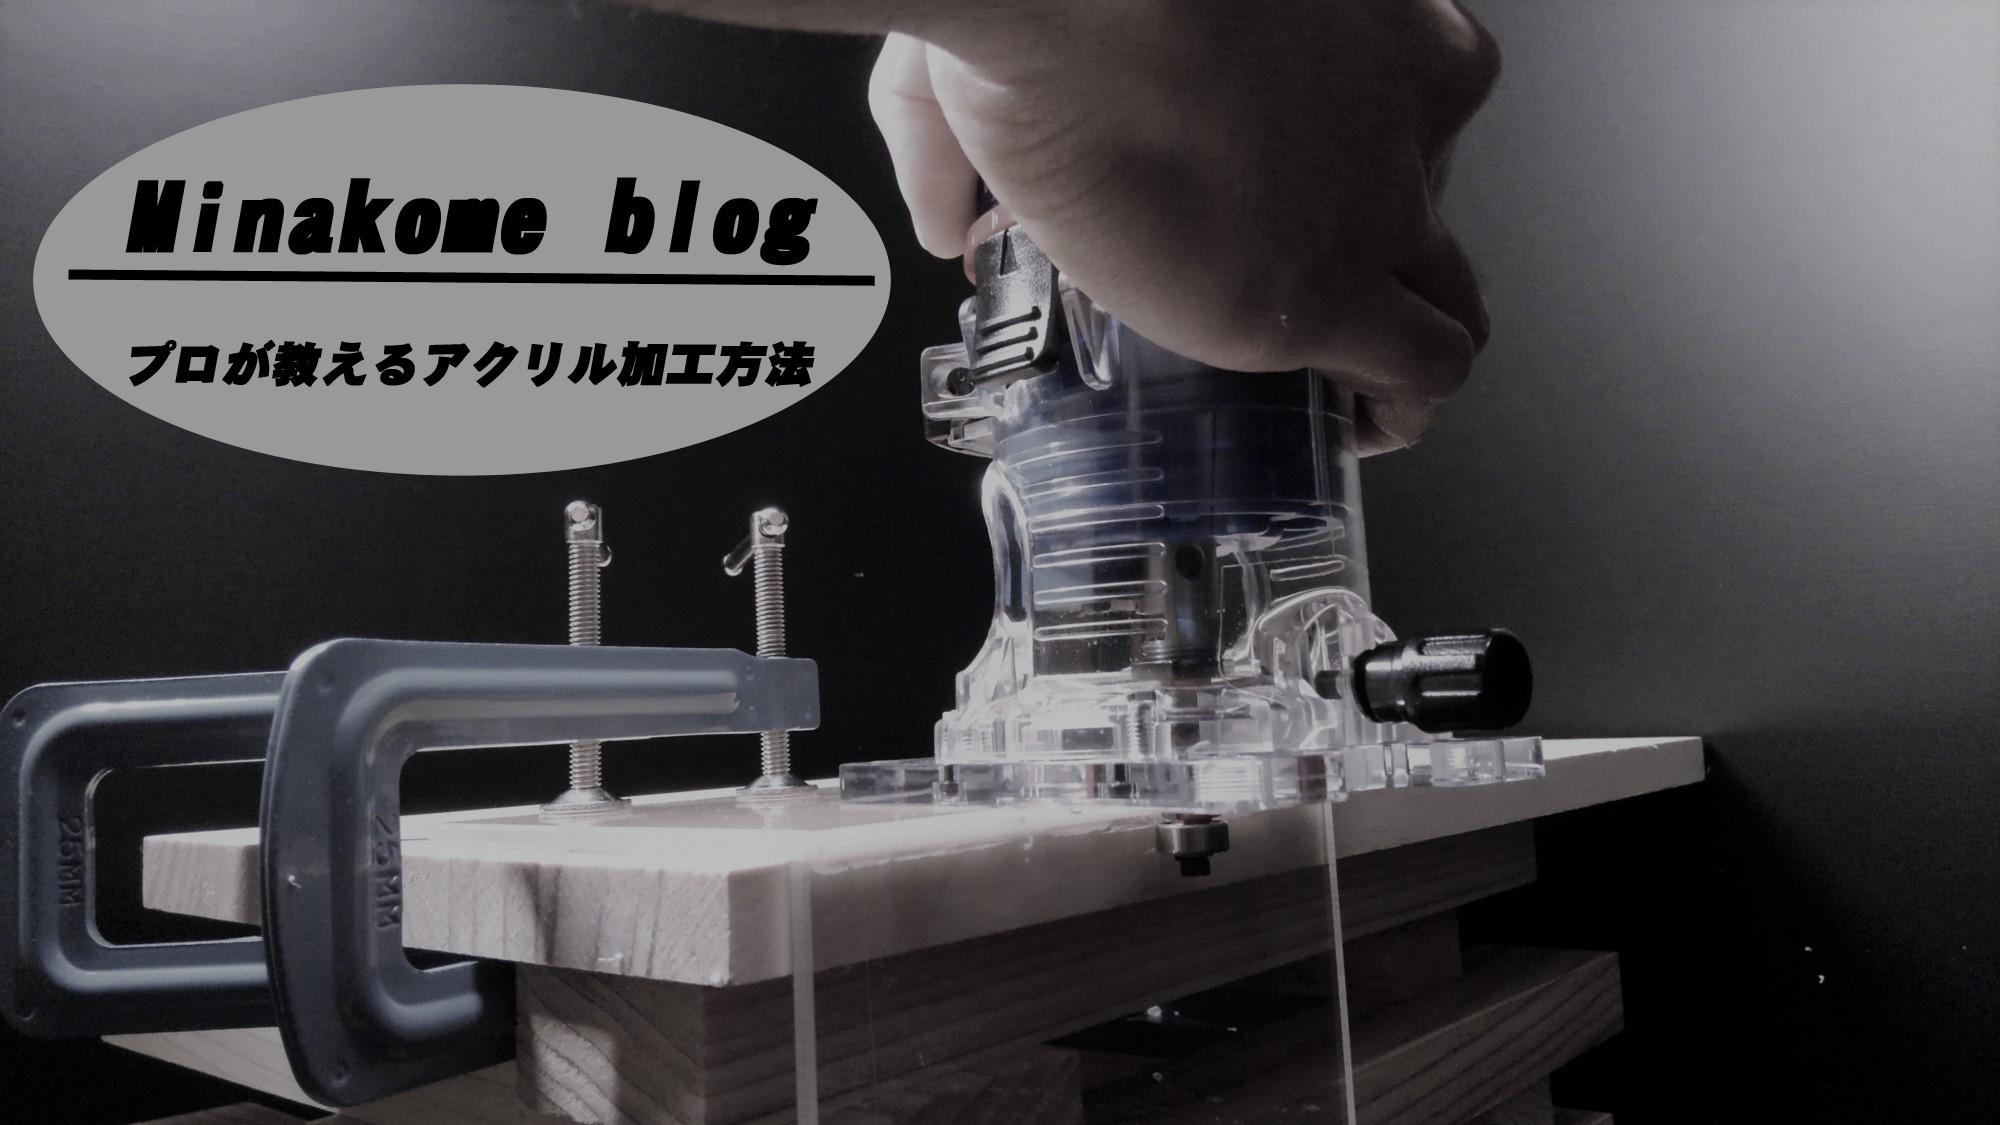 Minakome blog